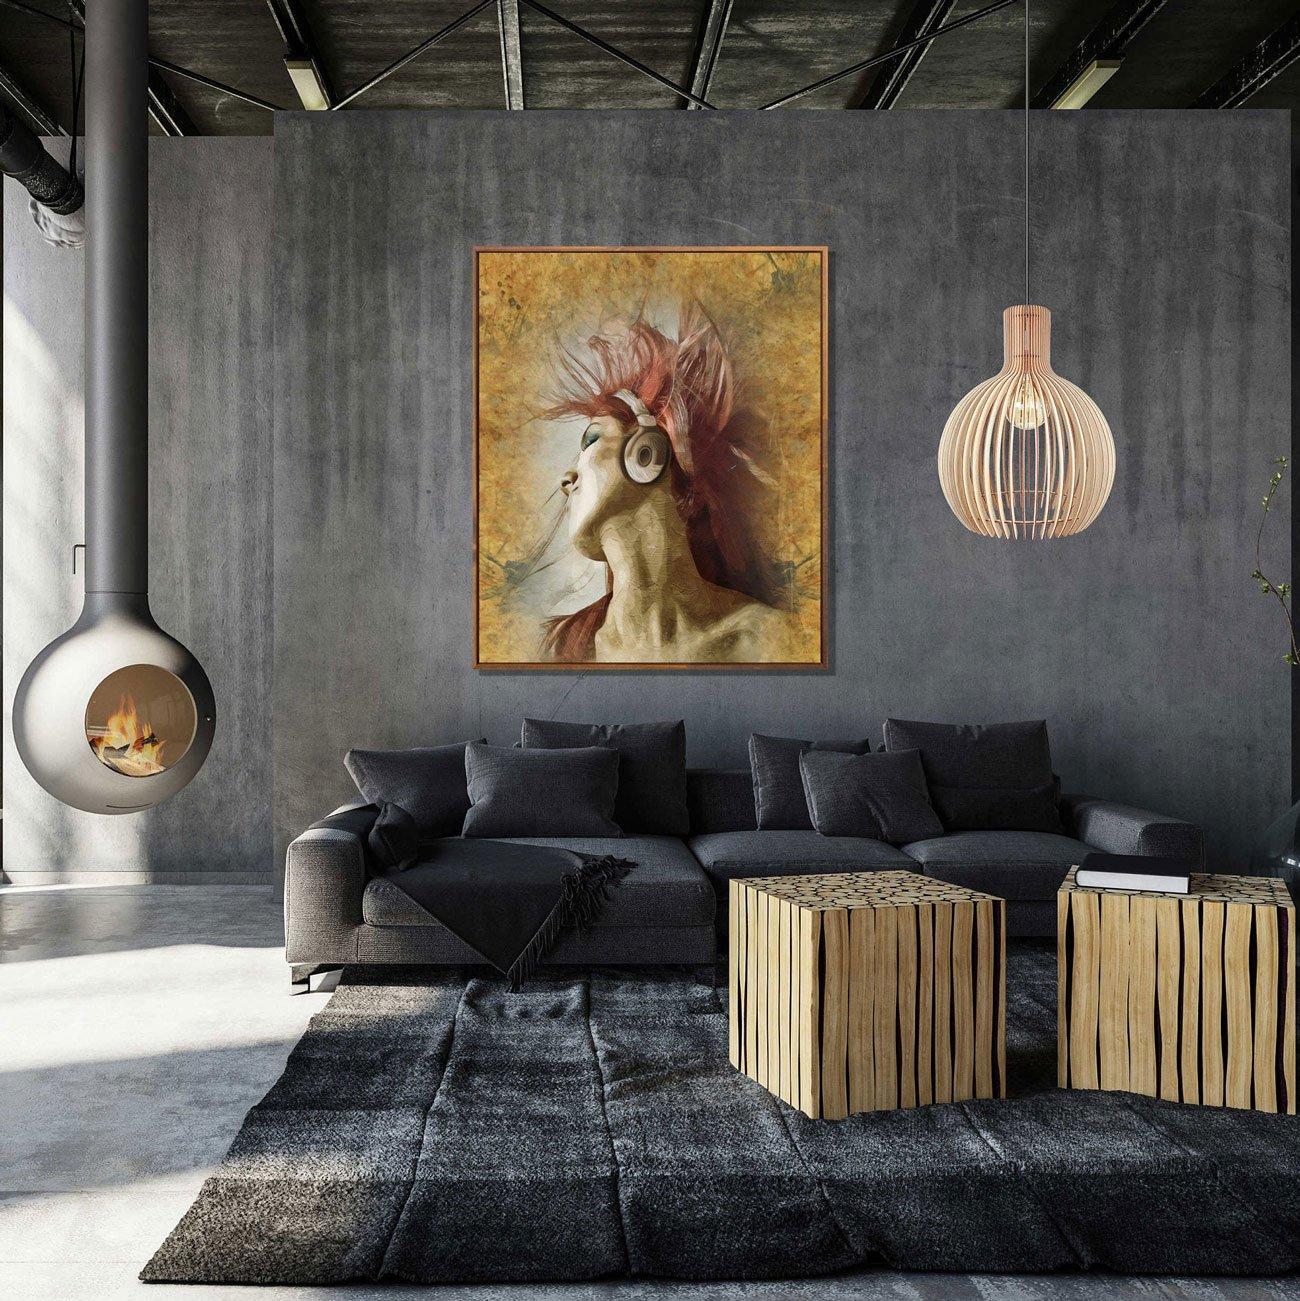 Quadro Mulher Dançando Tela Canvas com Moldura 100x120 cm